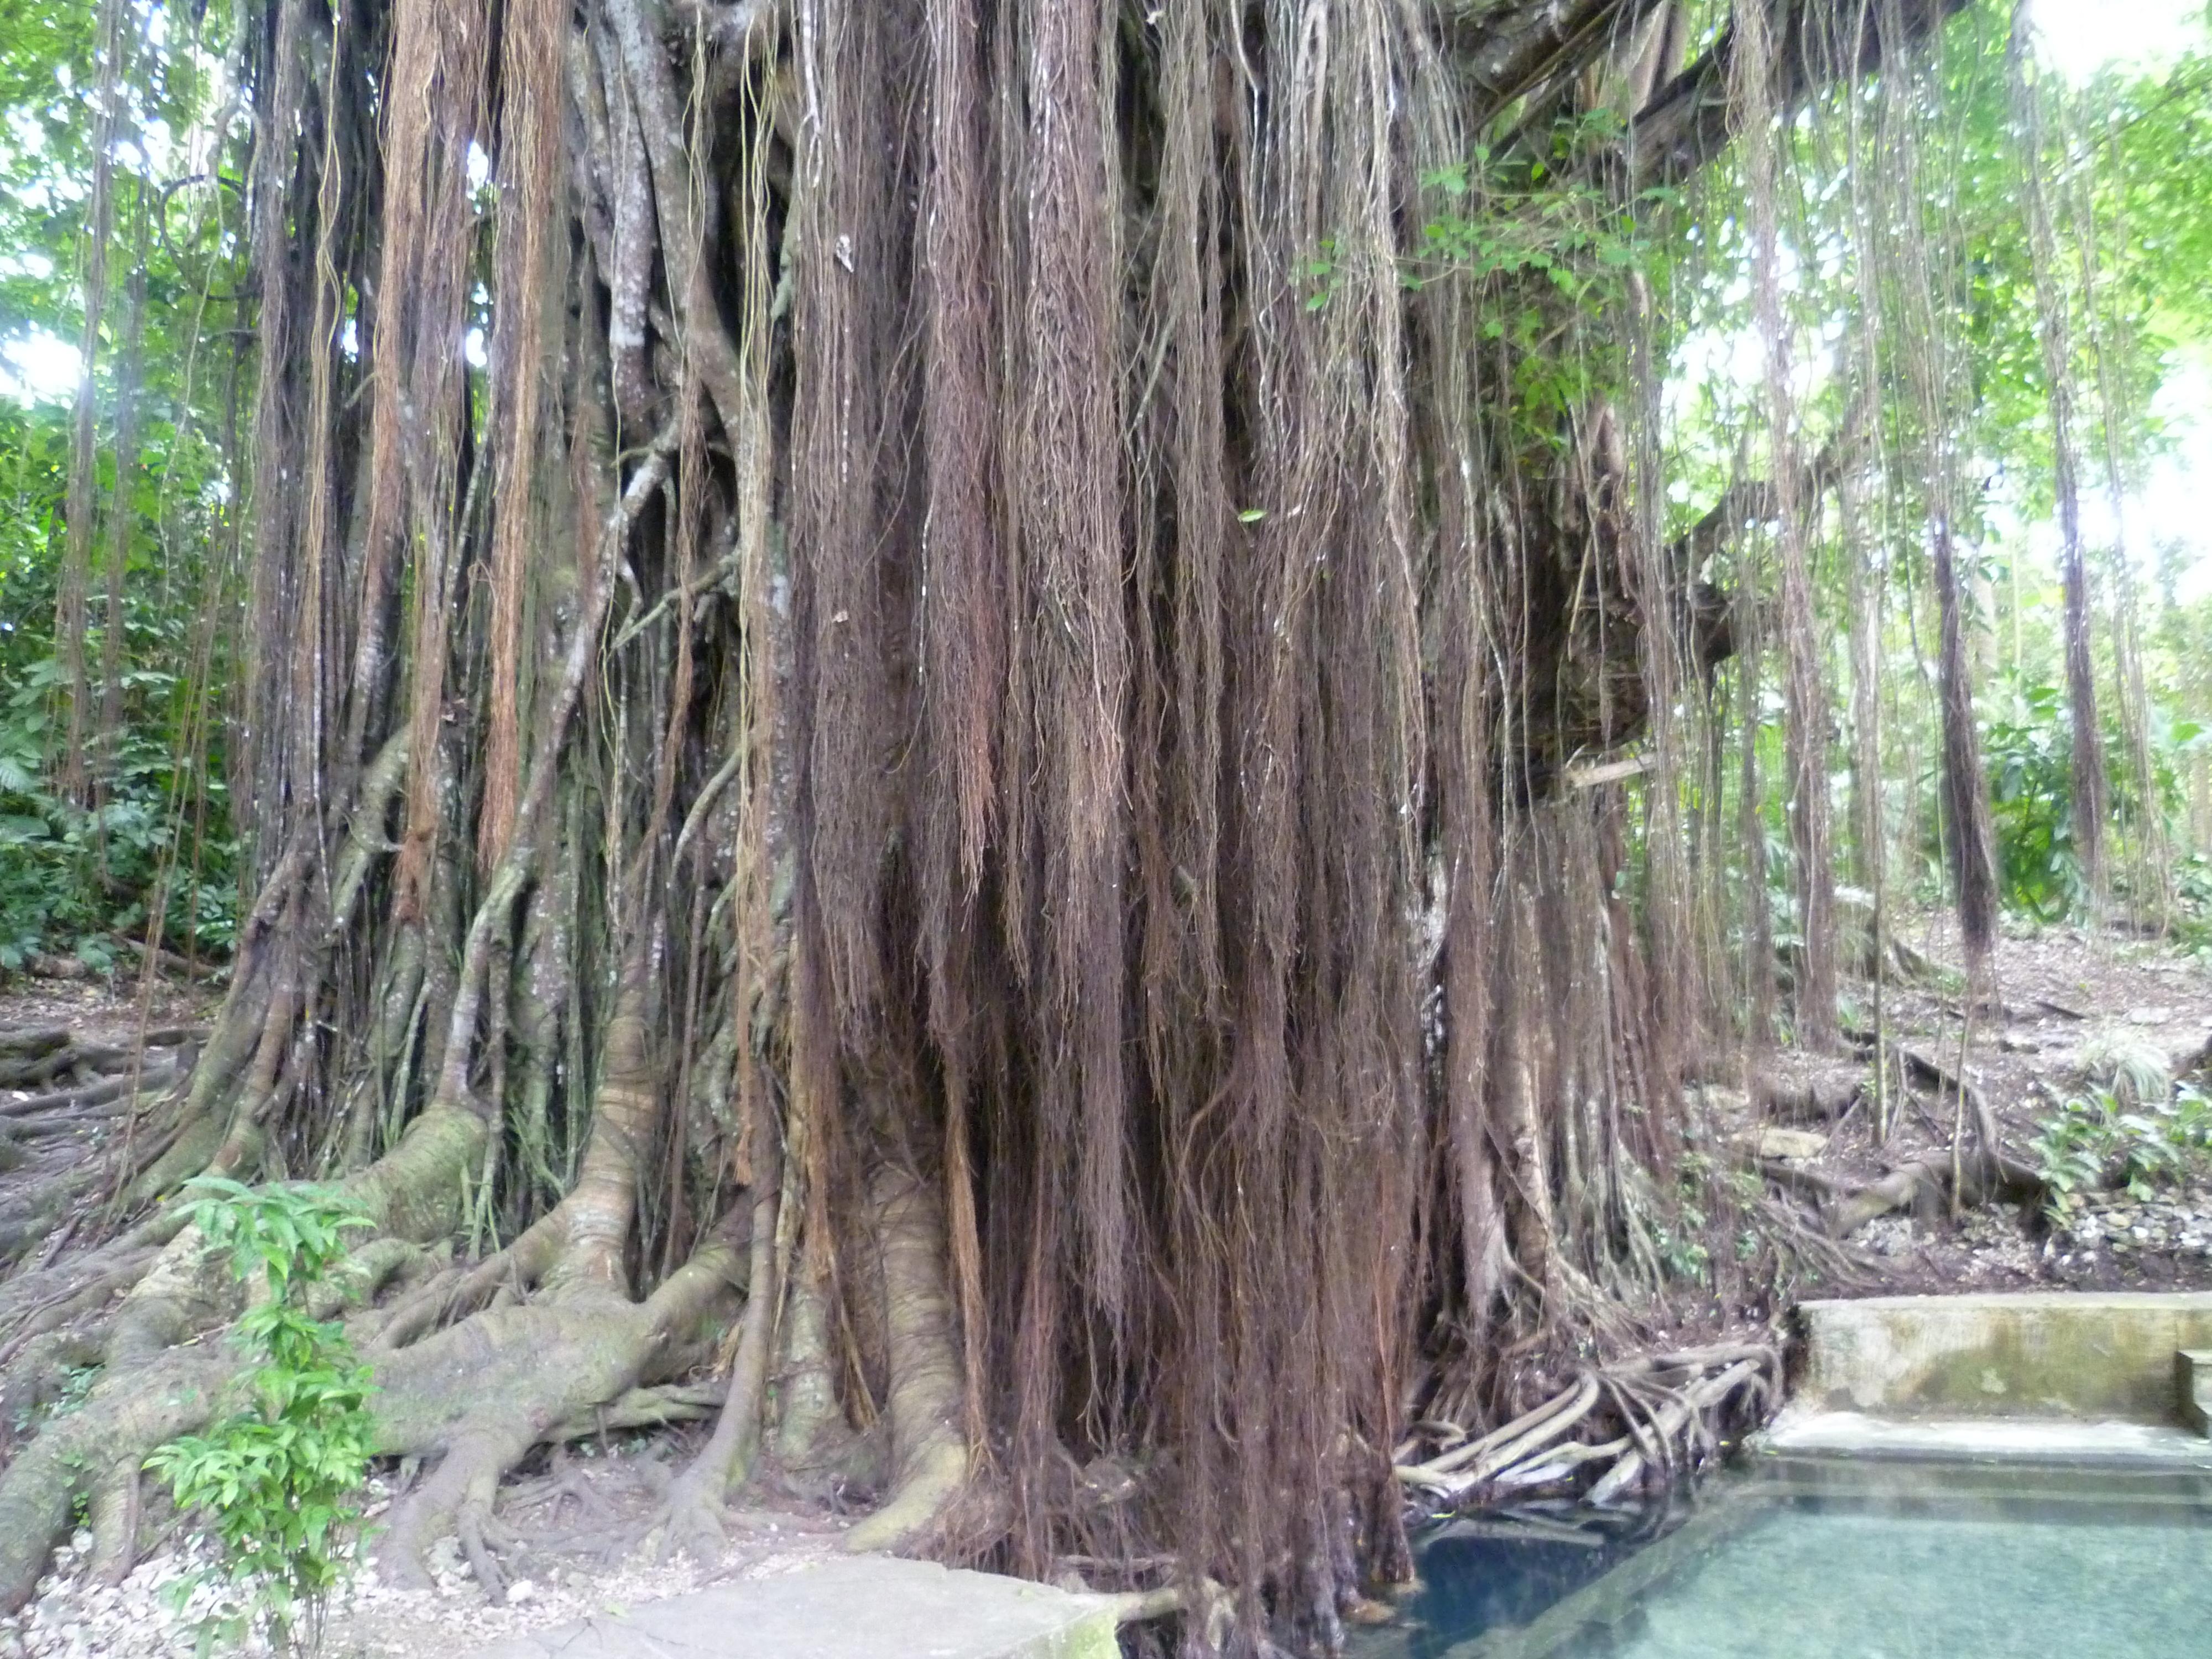 le Balete tree, arbre vénérable et sacré, un banyan centenaire ?